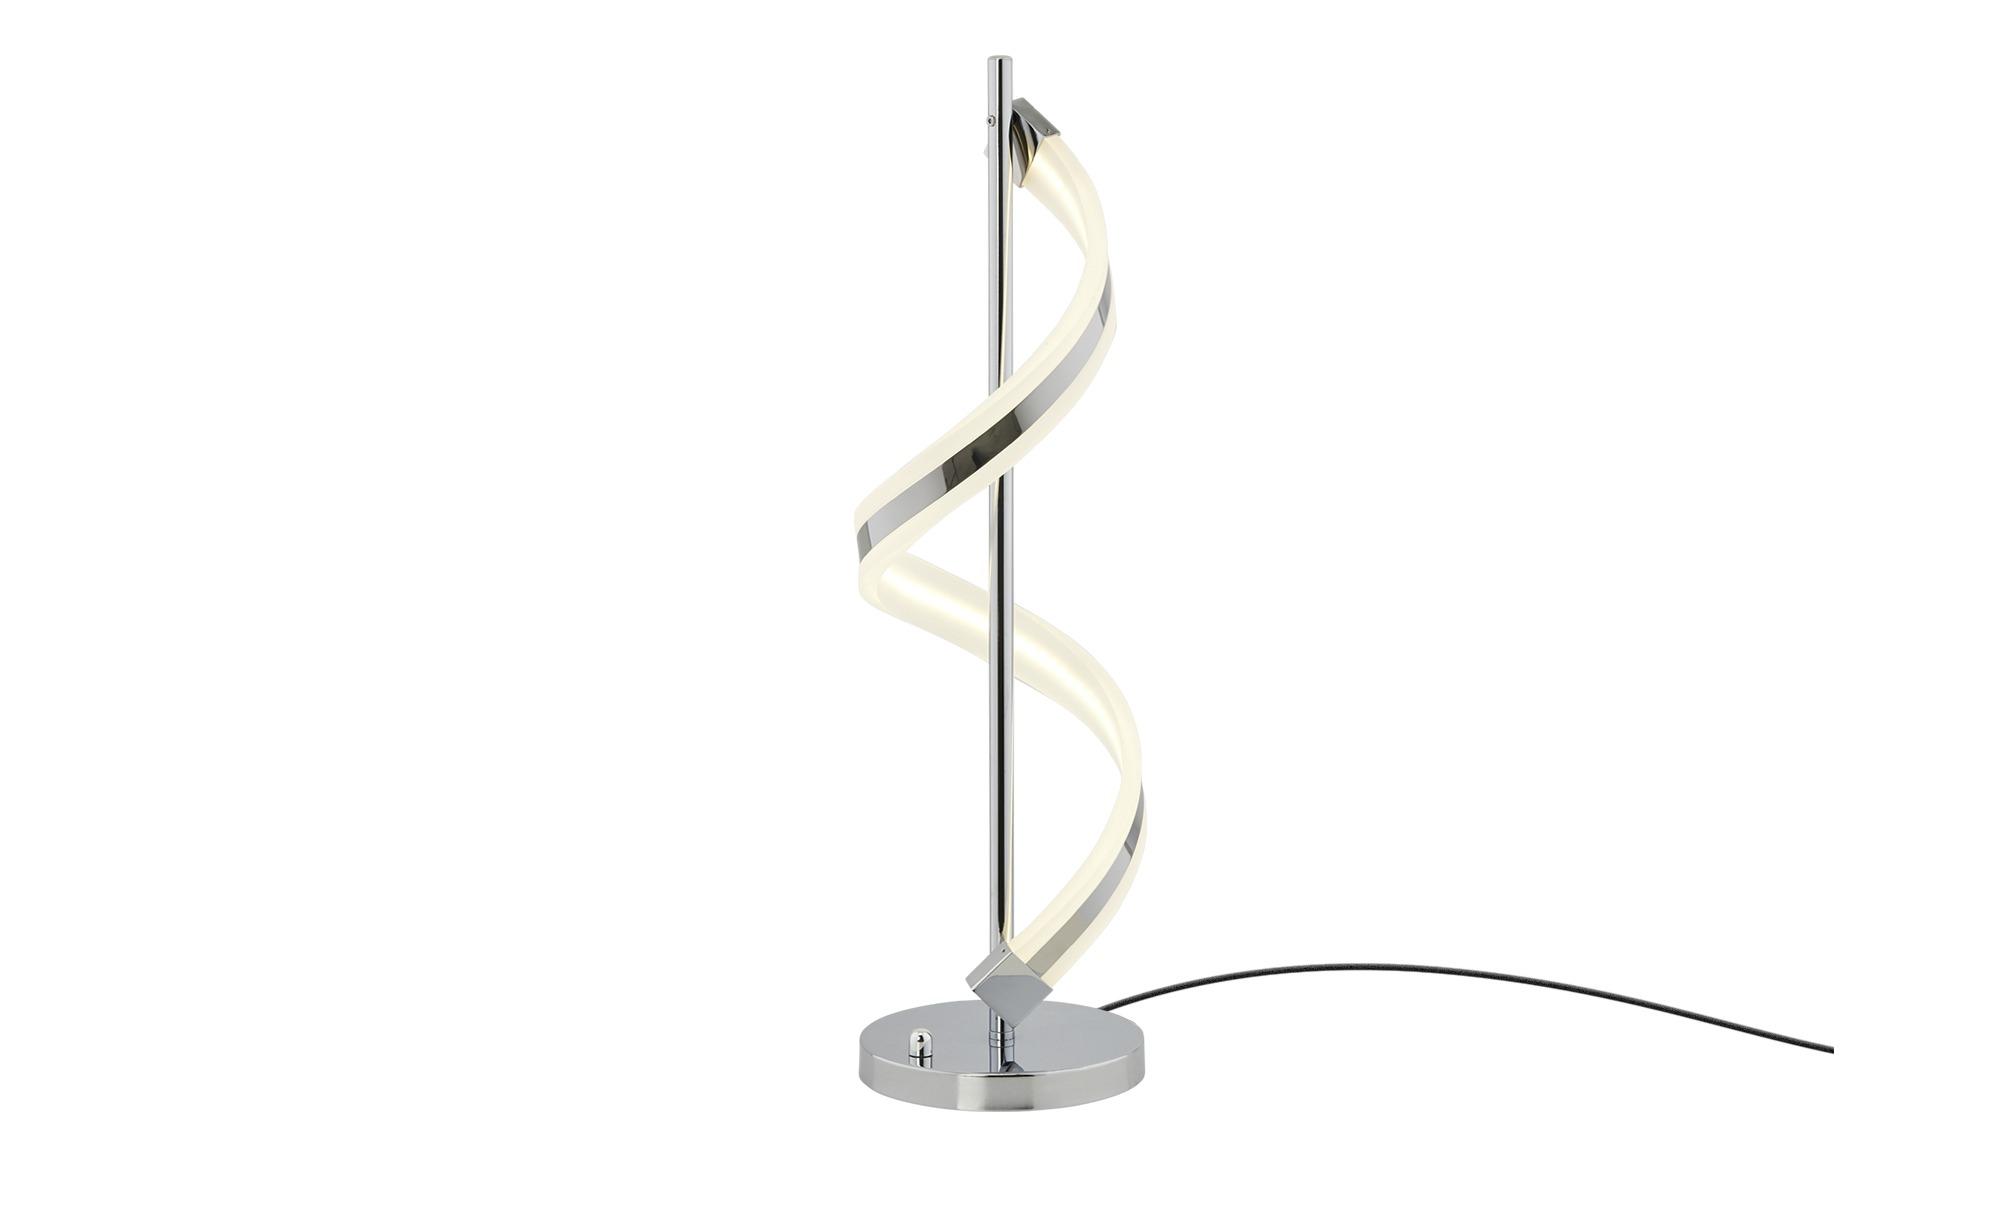 Trio LED-Tischleuchte, chrom, Acryl geschwungen ¦ silber ¦ Maße (cm): H: 63 Ø: [20.0] Lampen & Leuchten > Innenleuchten > Tischlampen - Höffner